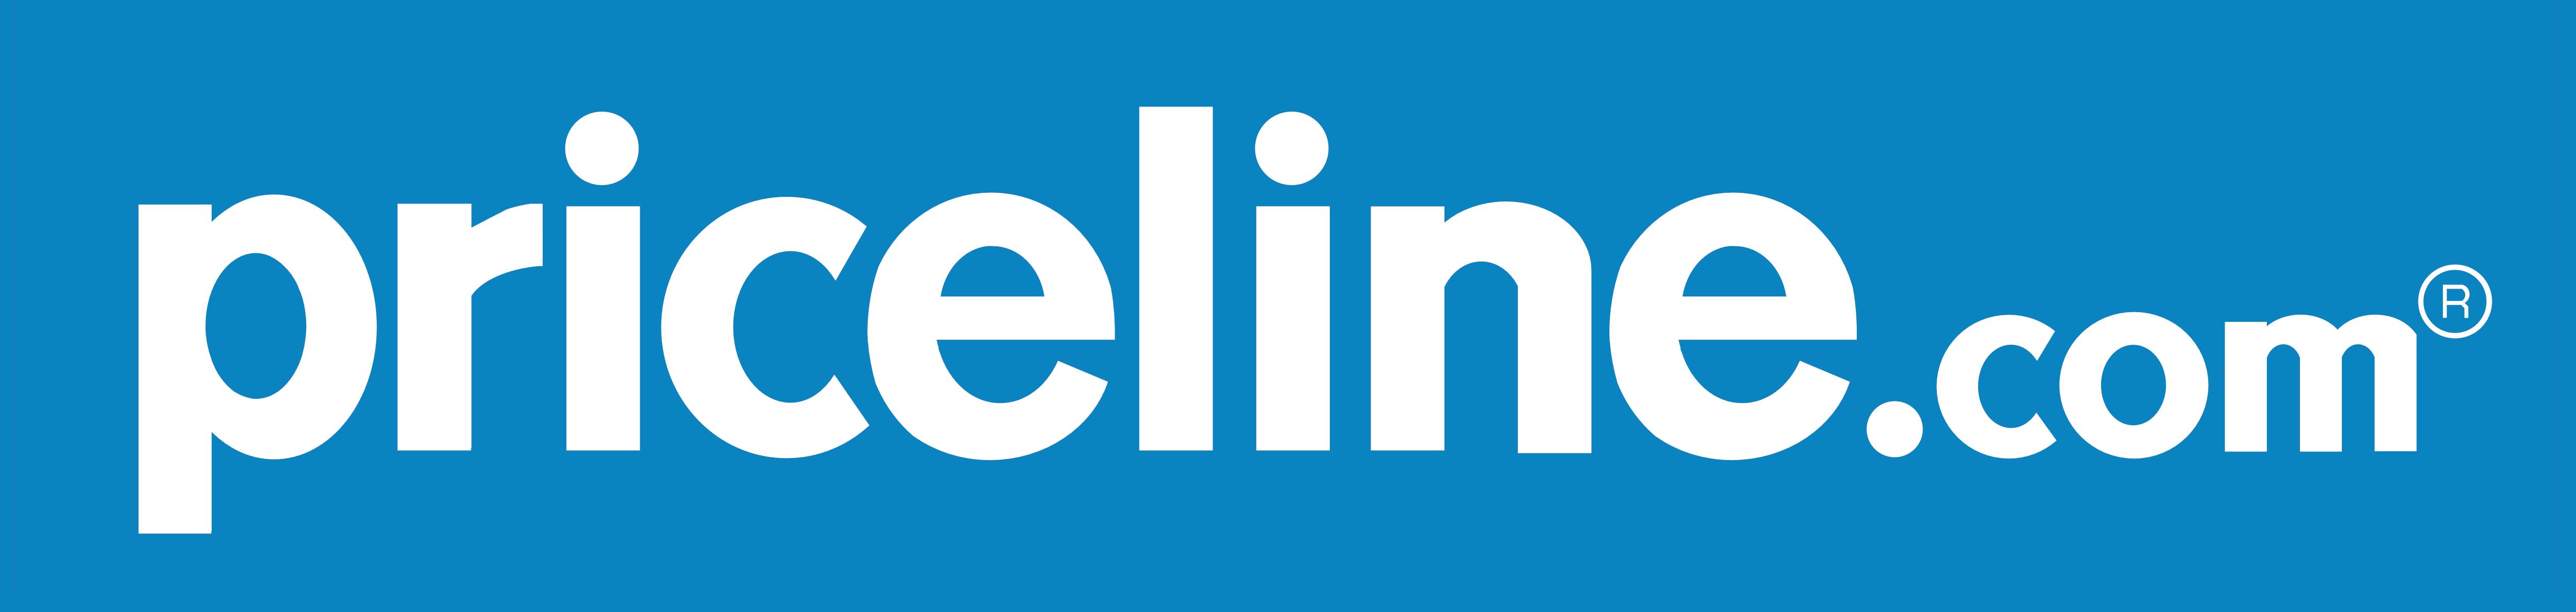 Priceline logo blue bg priceline com